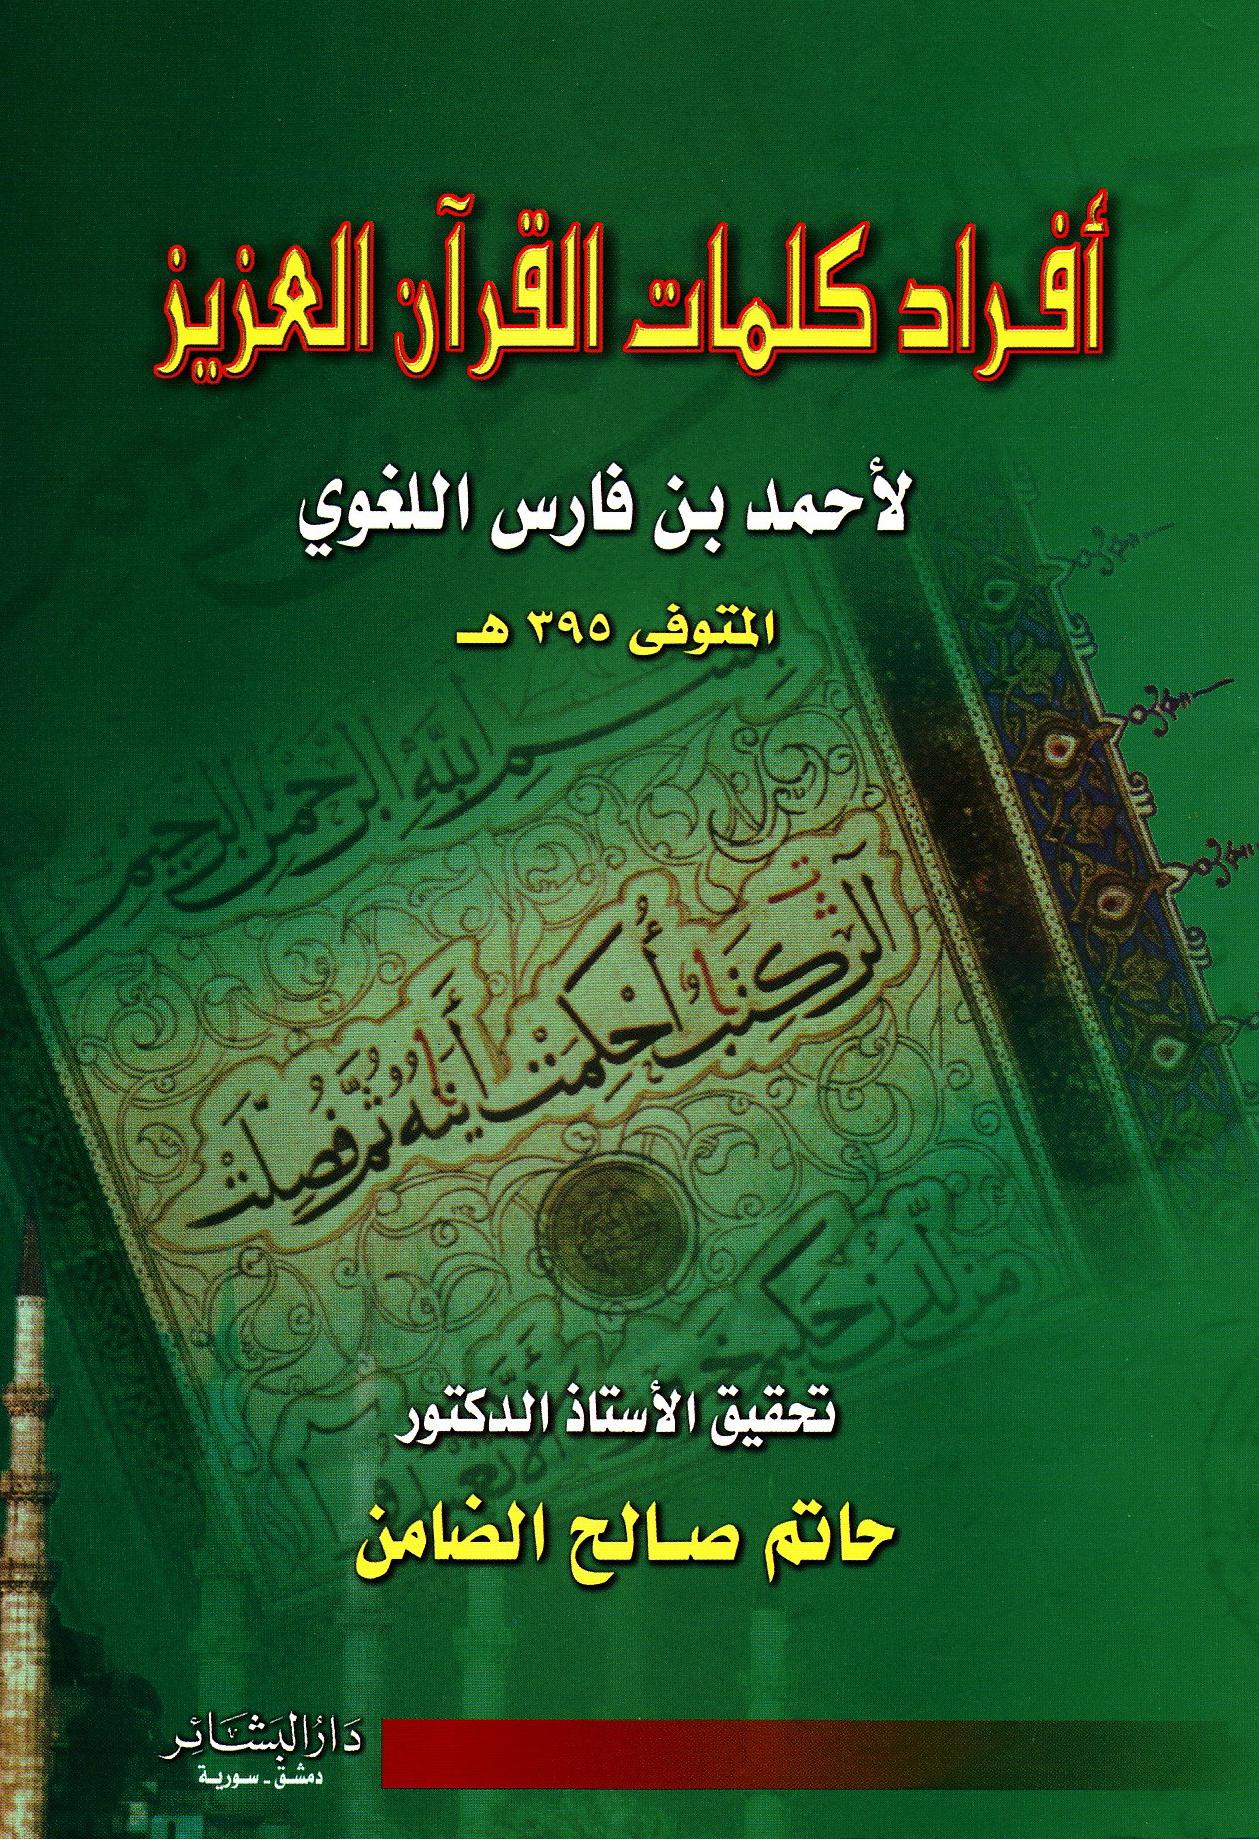 تحميل كتاب أفراد كلمات القرآن العزيز لـِ: الإمام أبو الحسين أحمد بن فارس بن زكرياء القزويني الرازي (ت 395)